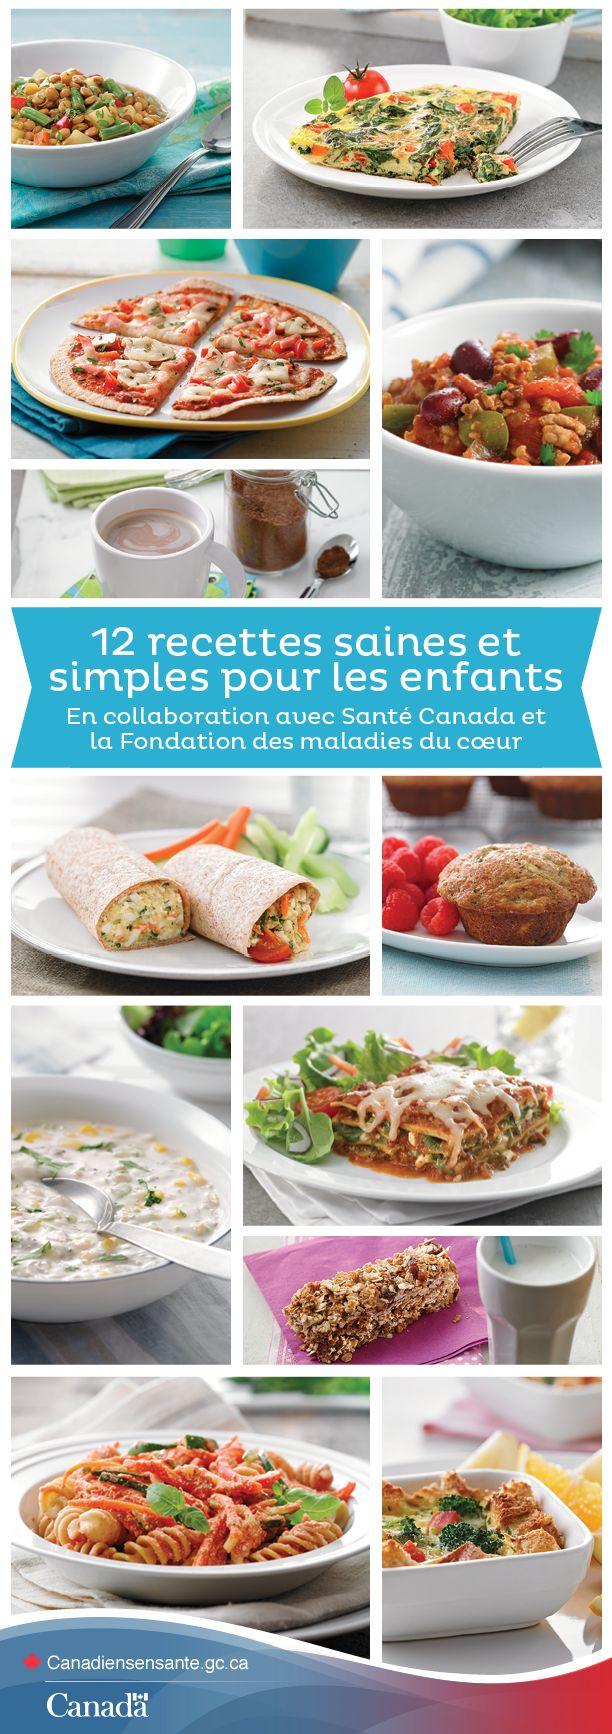 Découvrez des recettes savoureuses et simples pour les enfants ici :  http://www.canadiensensante.gc.ca/eating-nutrition/healthy-eating-saine-alimentation/recipes-recettes-fra.php?utm_source=pinterest_hcdns&utm_medium=social&utm_content=Feb27_Recettes_FR&utm_campaign=social_media_14